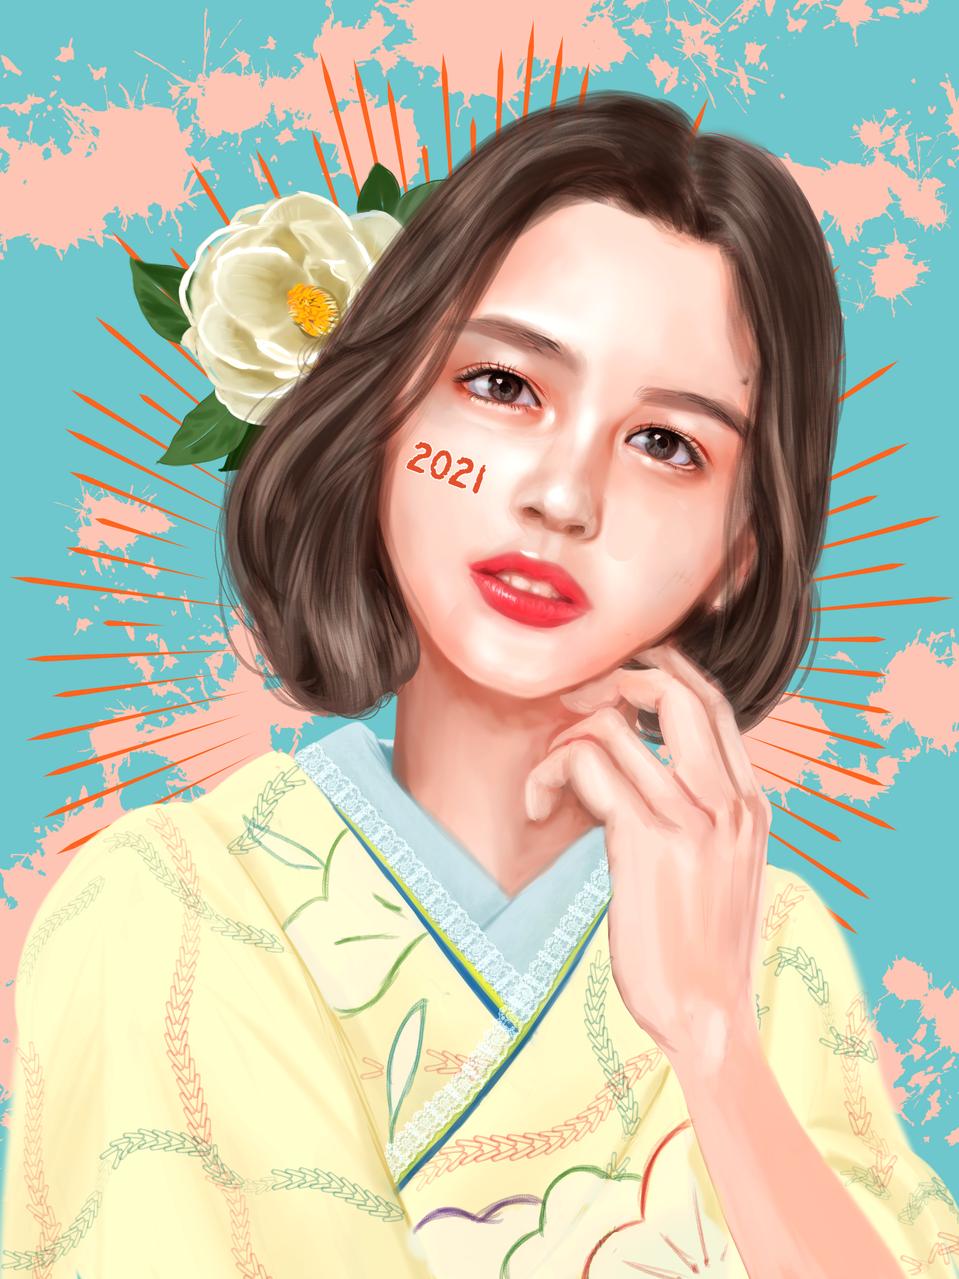 2021もよろしくね Illust of FJ impasto girl newyear kawaii fanart レイラニ realistic